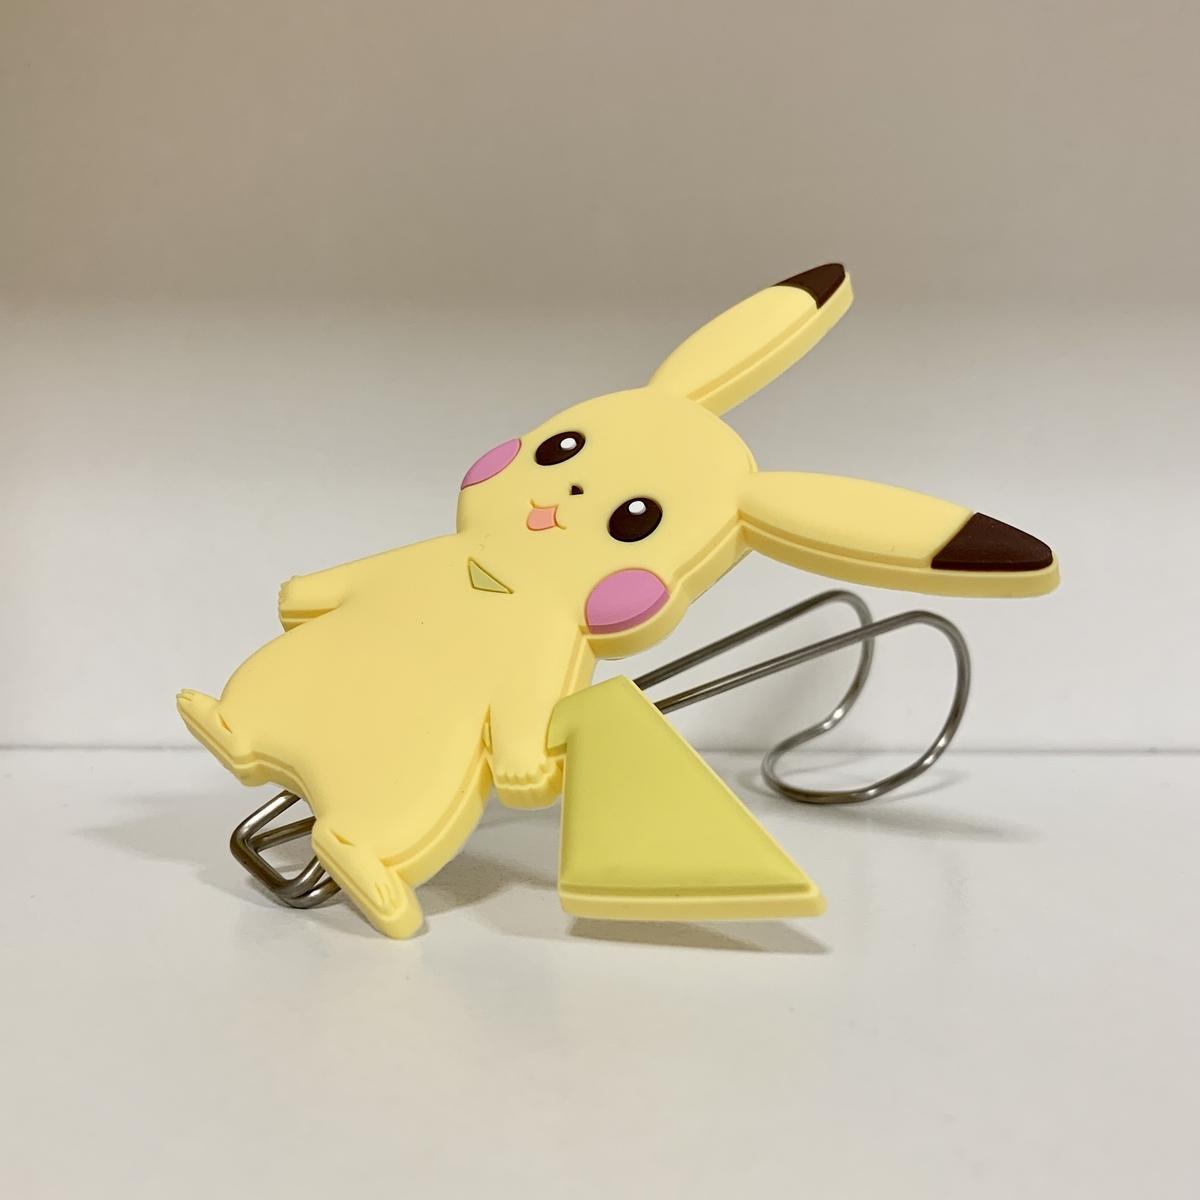 f:id:pikachu_pcn:20210529161541j:plain